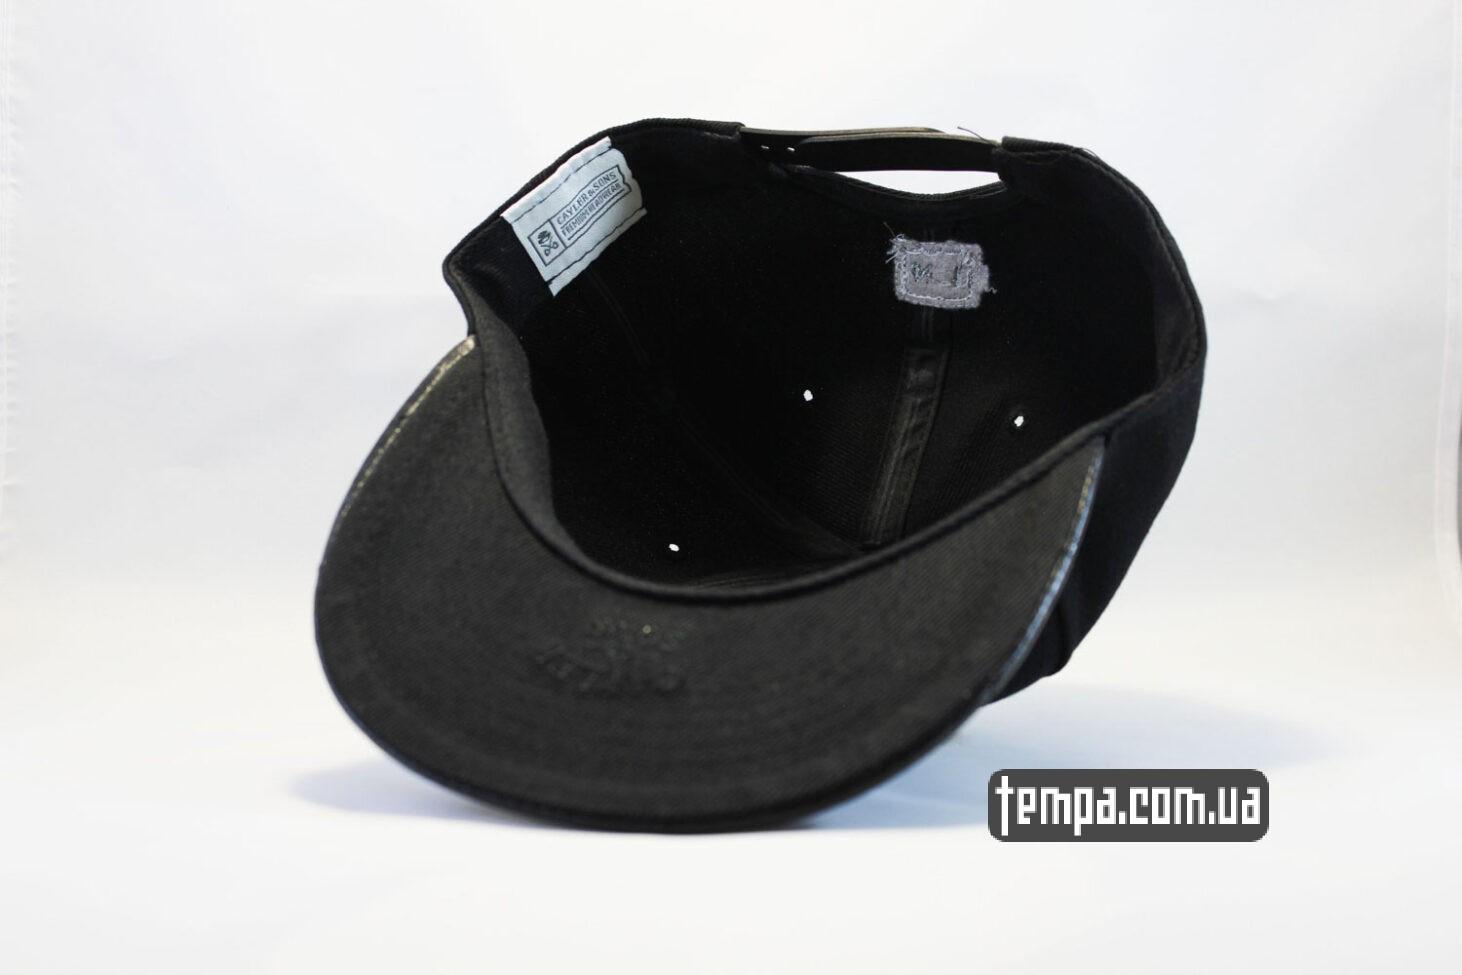 кепка бейсболка купить кепка snapback Chanel Cayler and Sons черная кожаный козырек